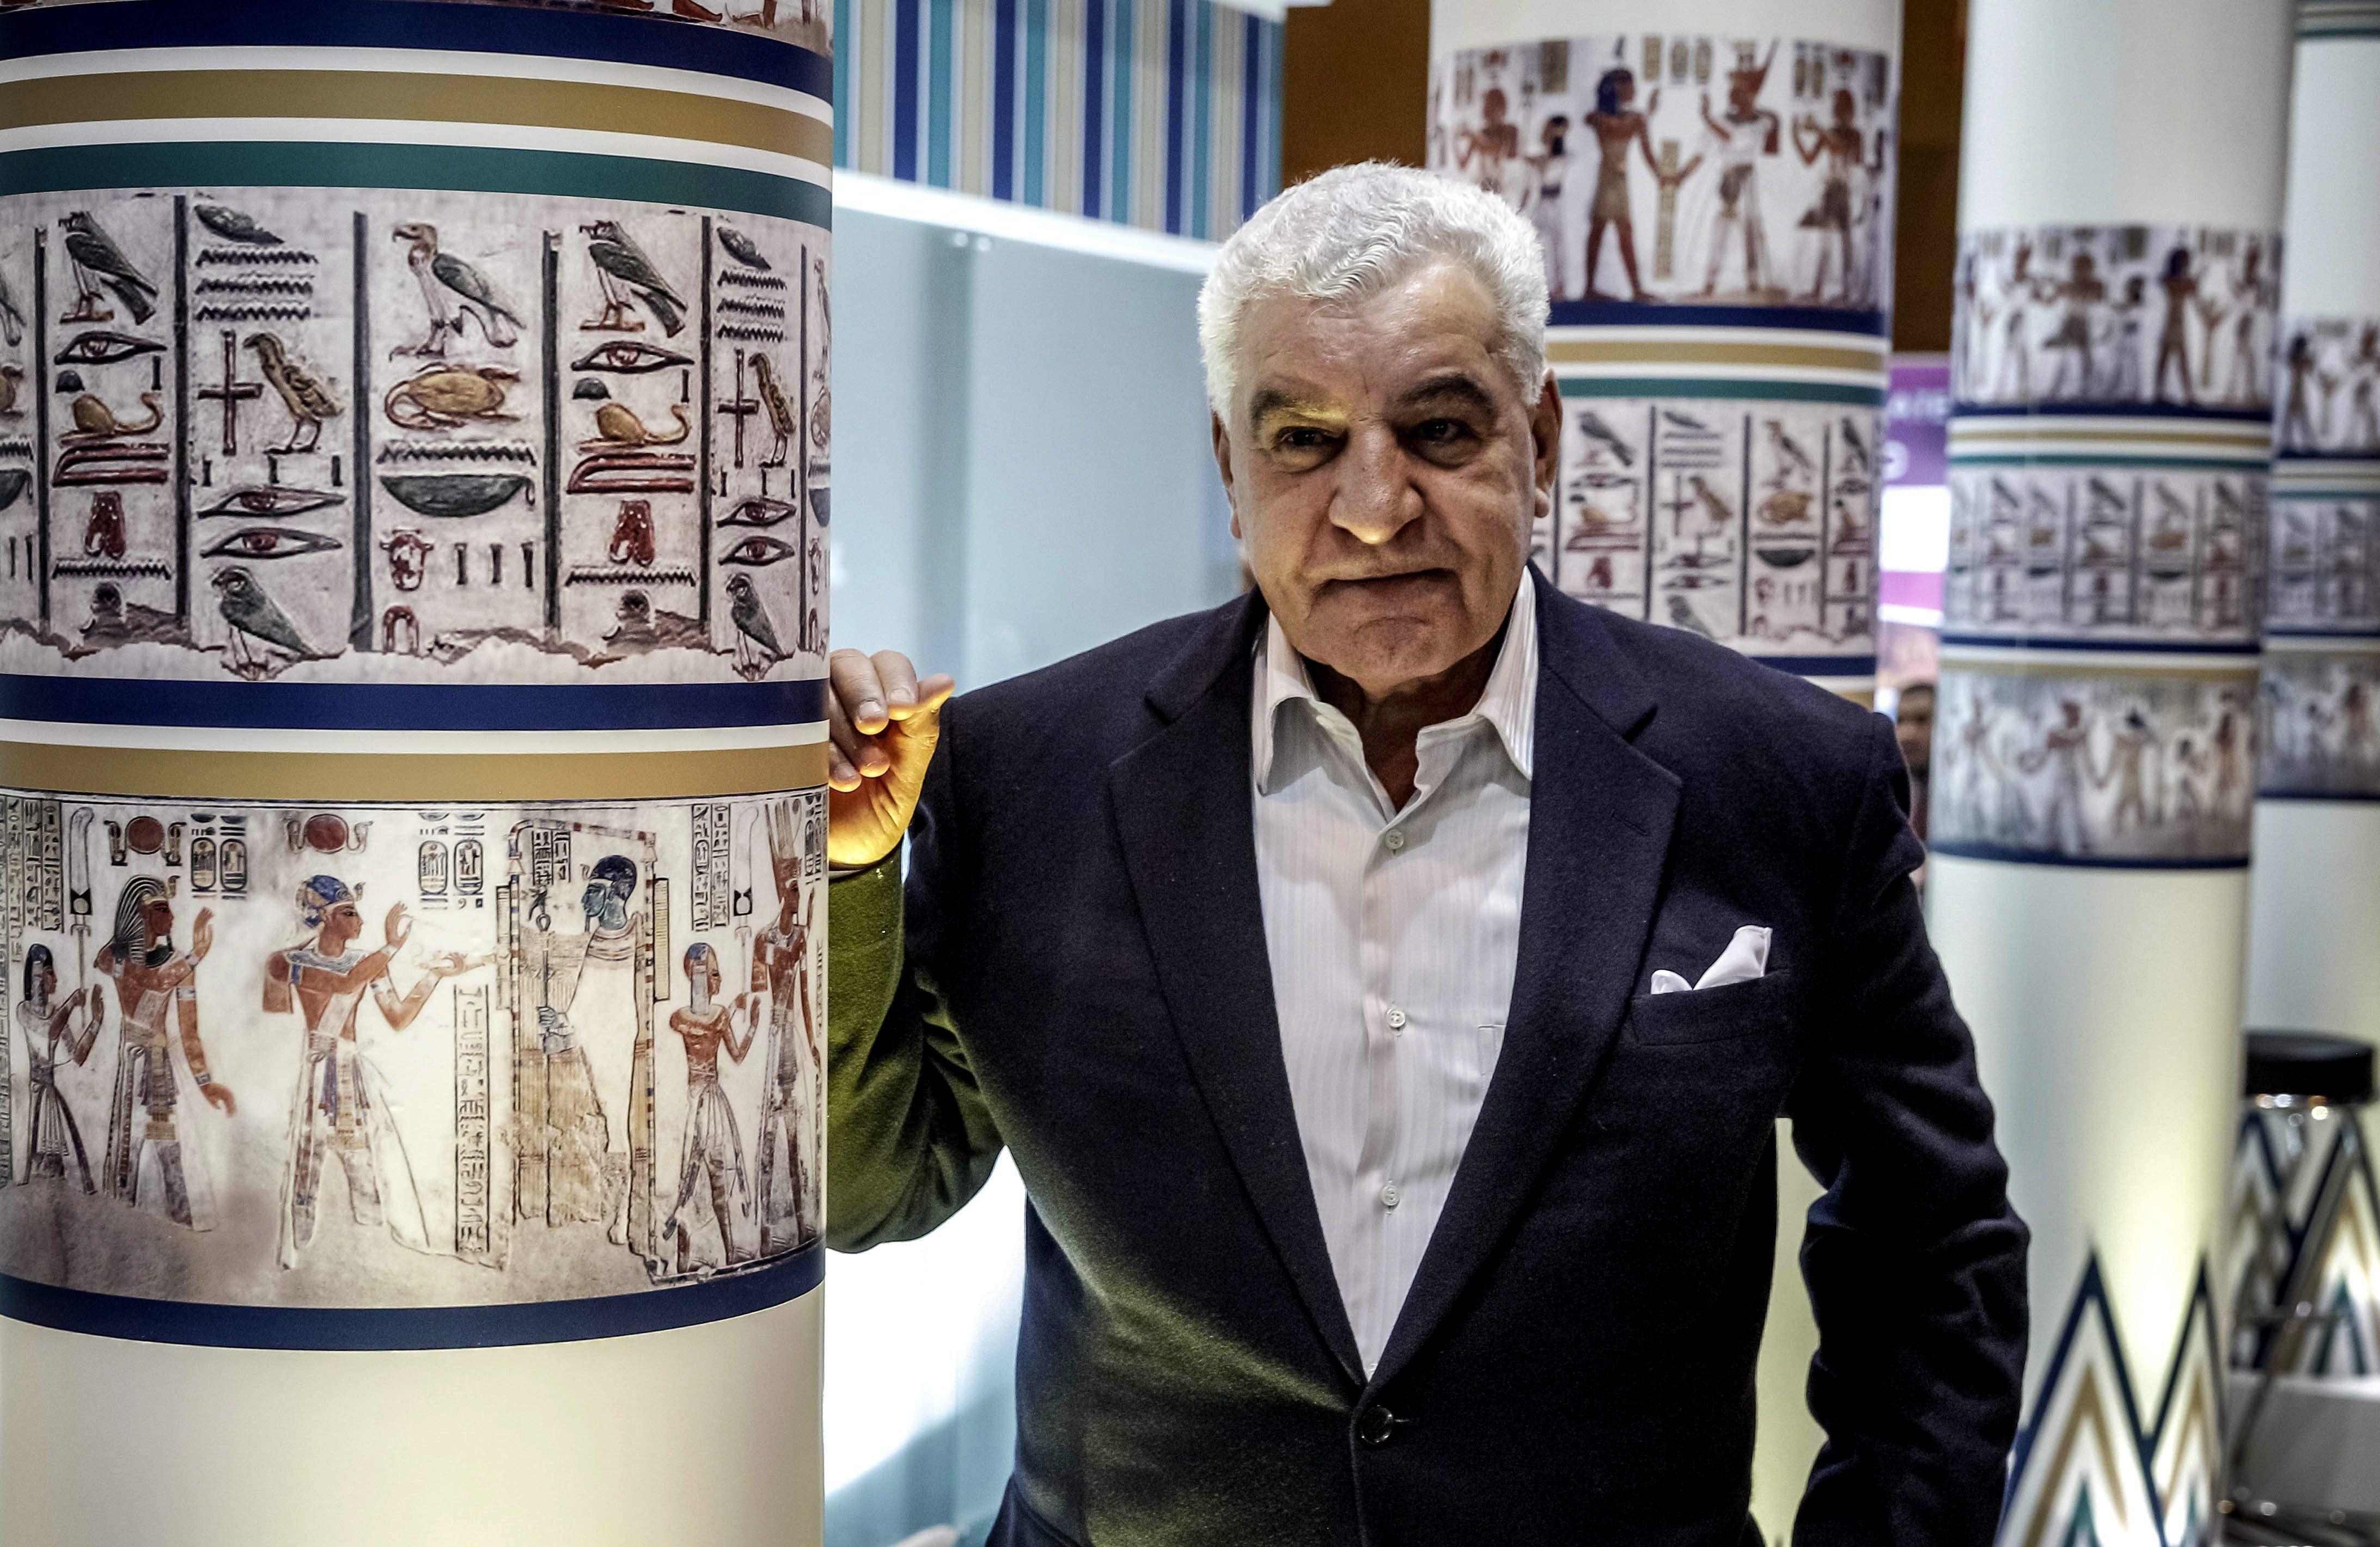 Uno de sus objetivos es recuperars el busto de Nefertiti que es la estrella del Museo Egipcio de Berlín EFE/Emilio Naranjo/Archivo